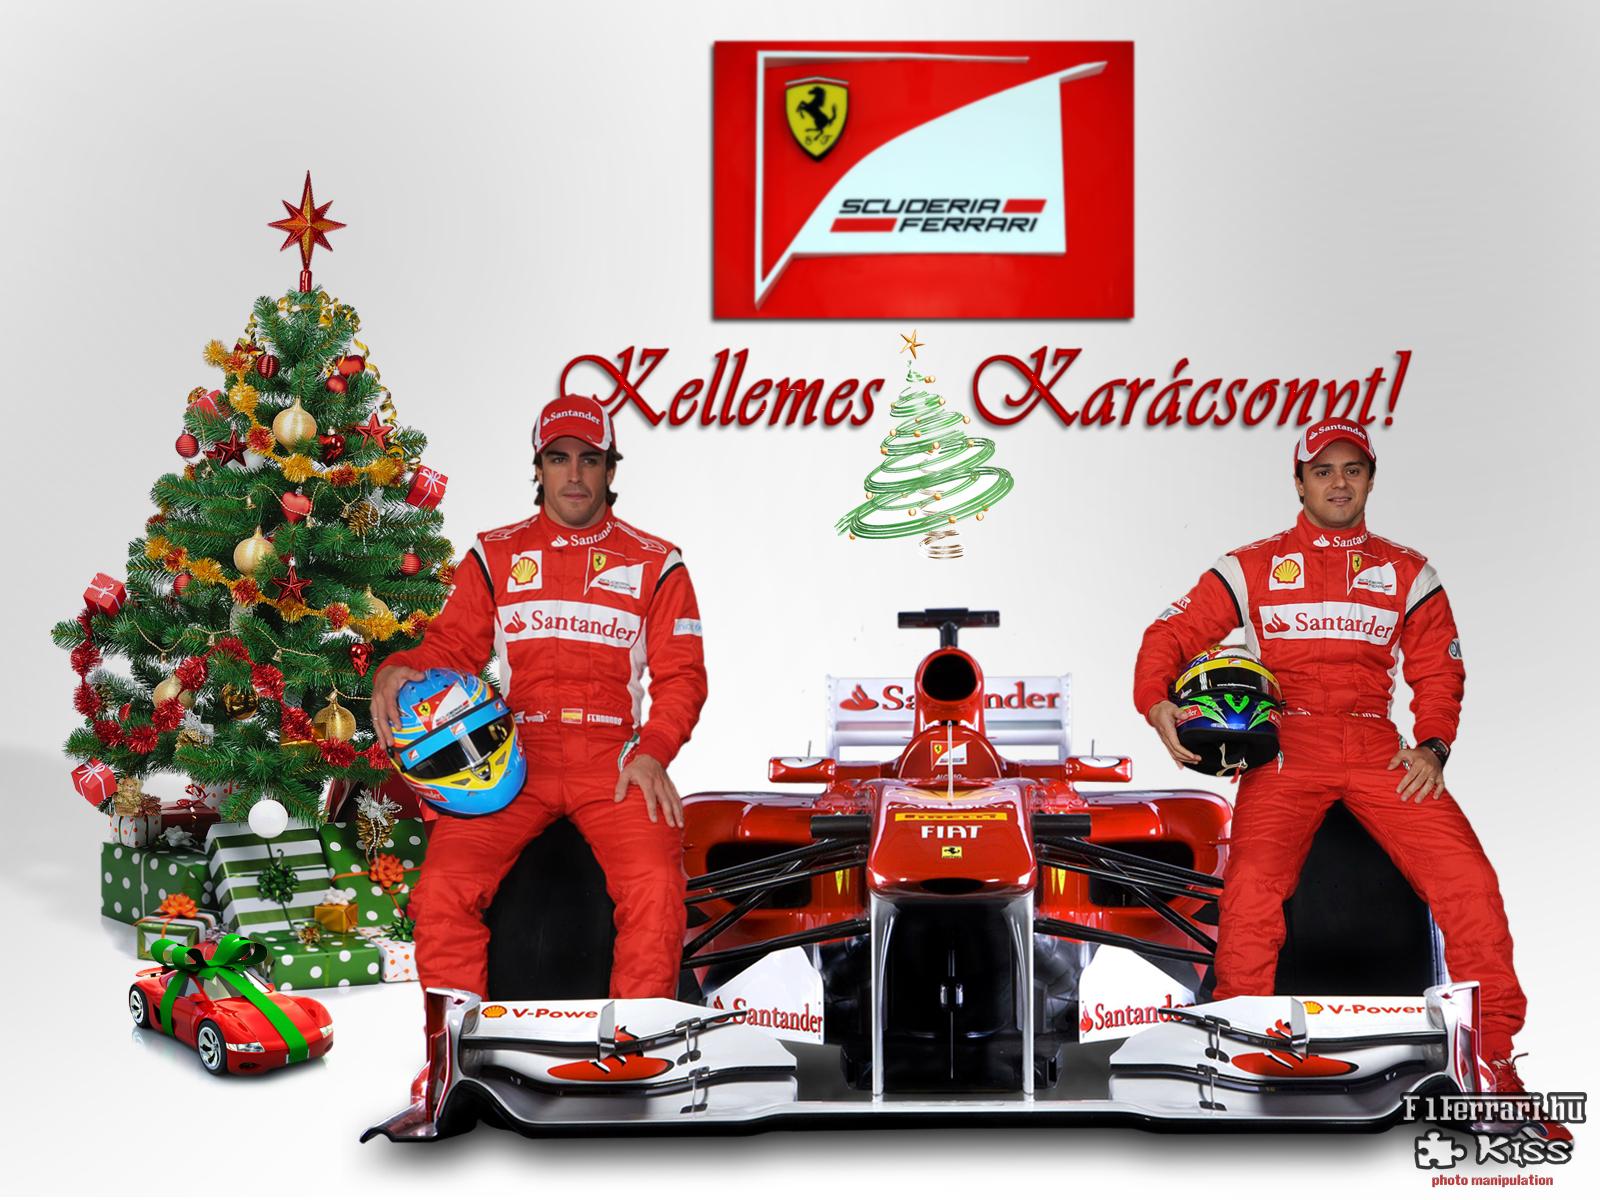 Kellemes kar csonyi nnepeket aj nd k falinapt rral s for Ferrari christmas